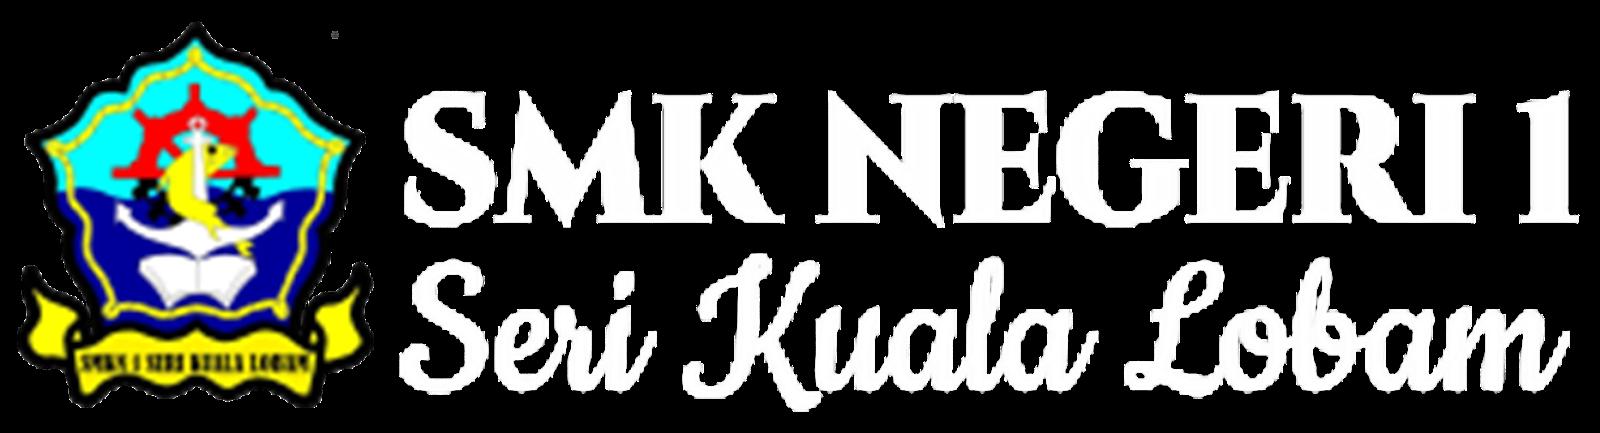 SMKN1SKL